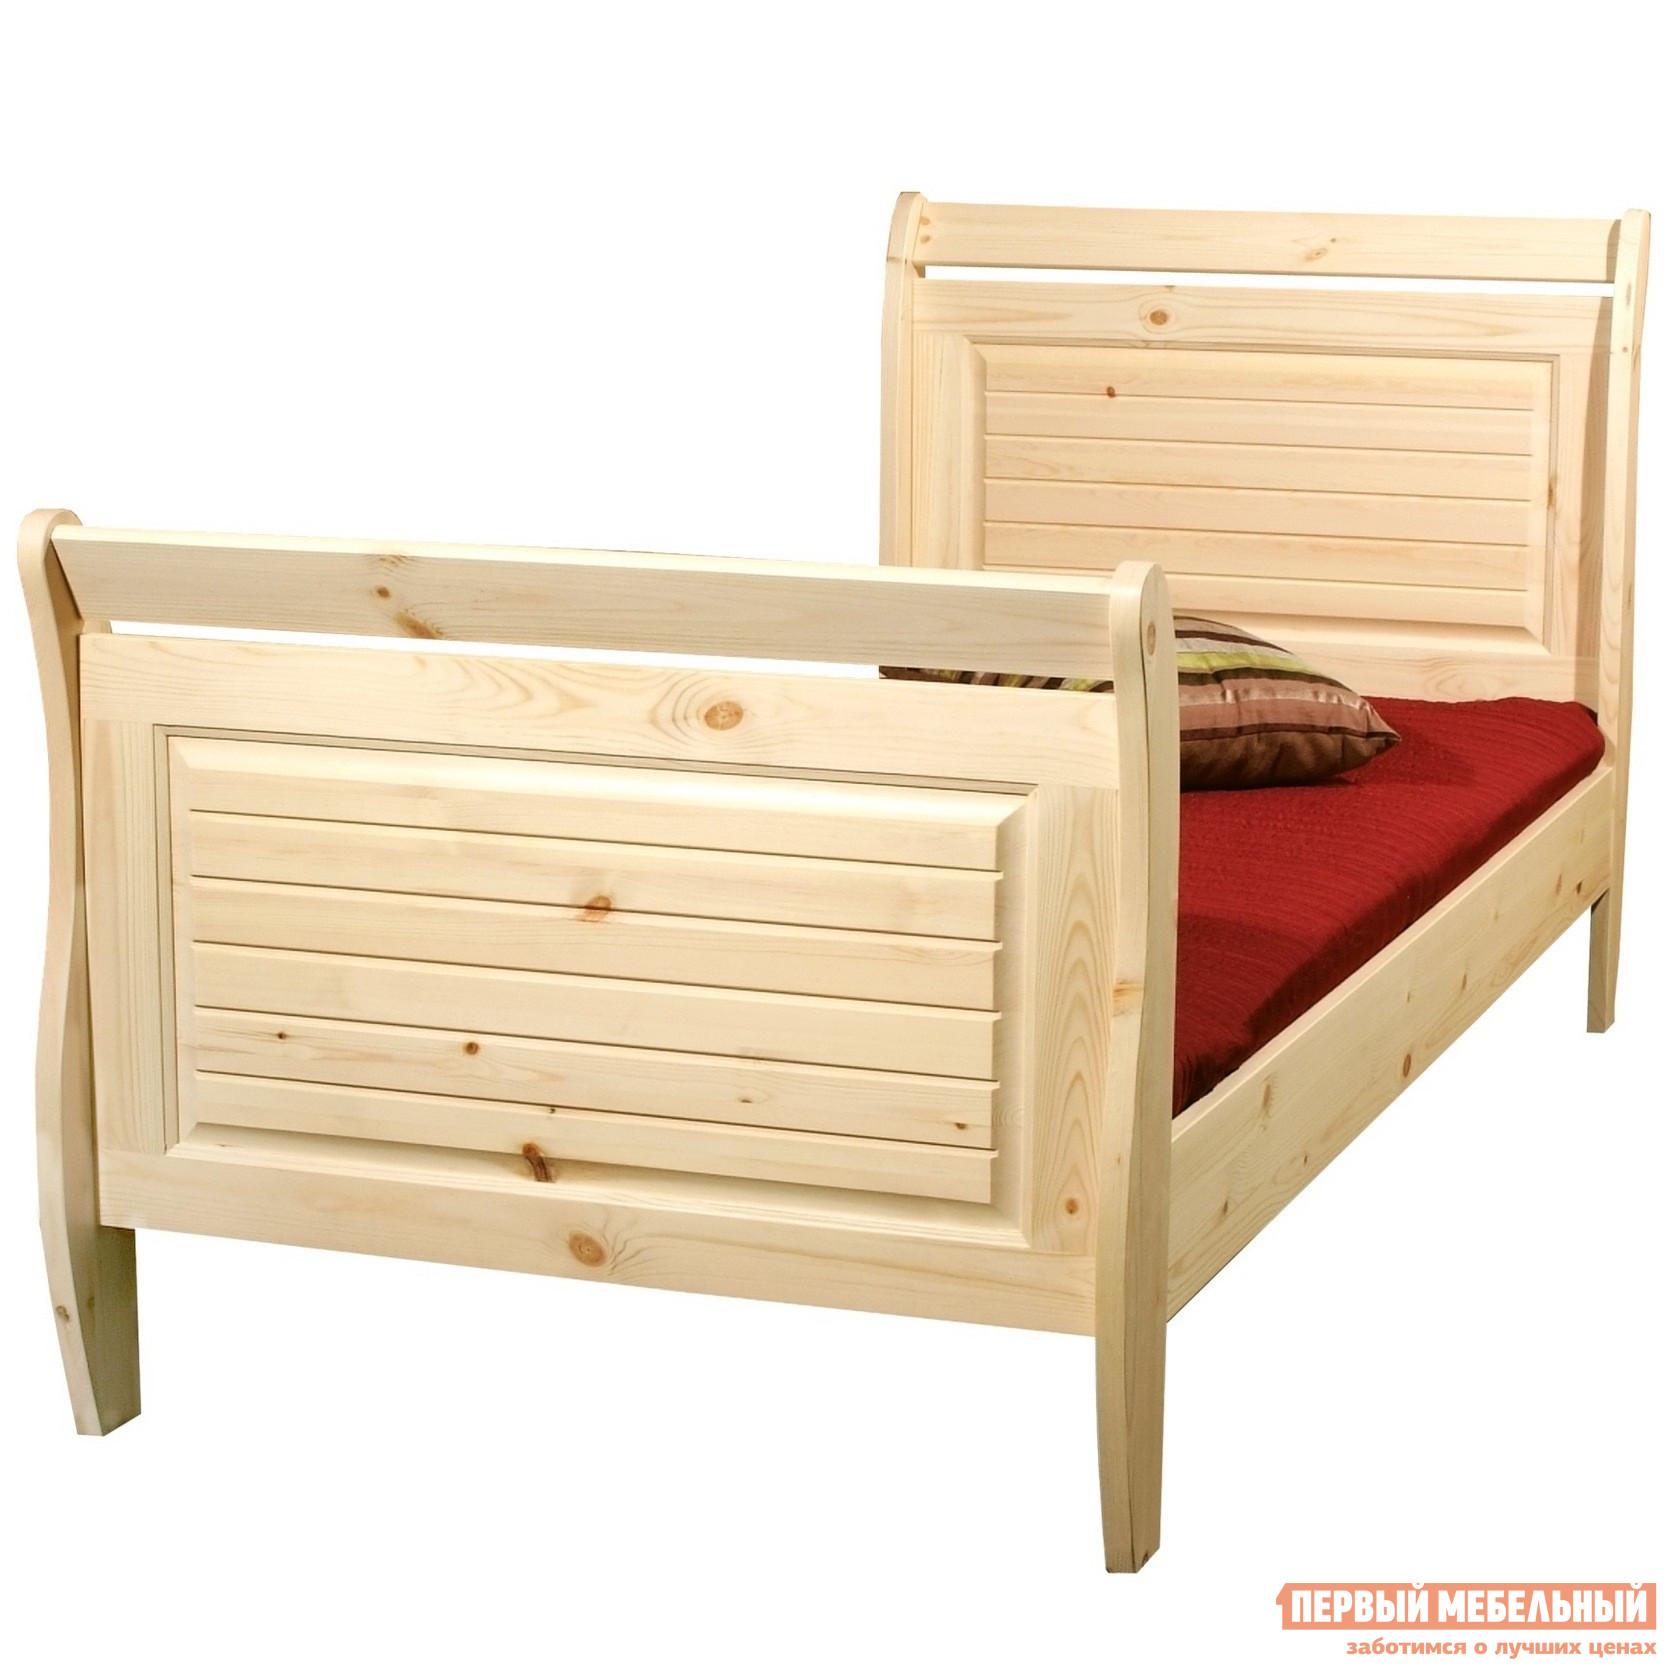 купить Деревянная кровать двуспальная Timberica Дания по цене 16140 рублей